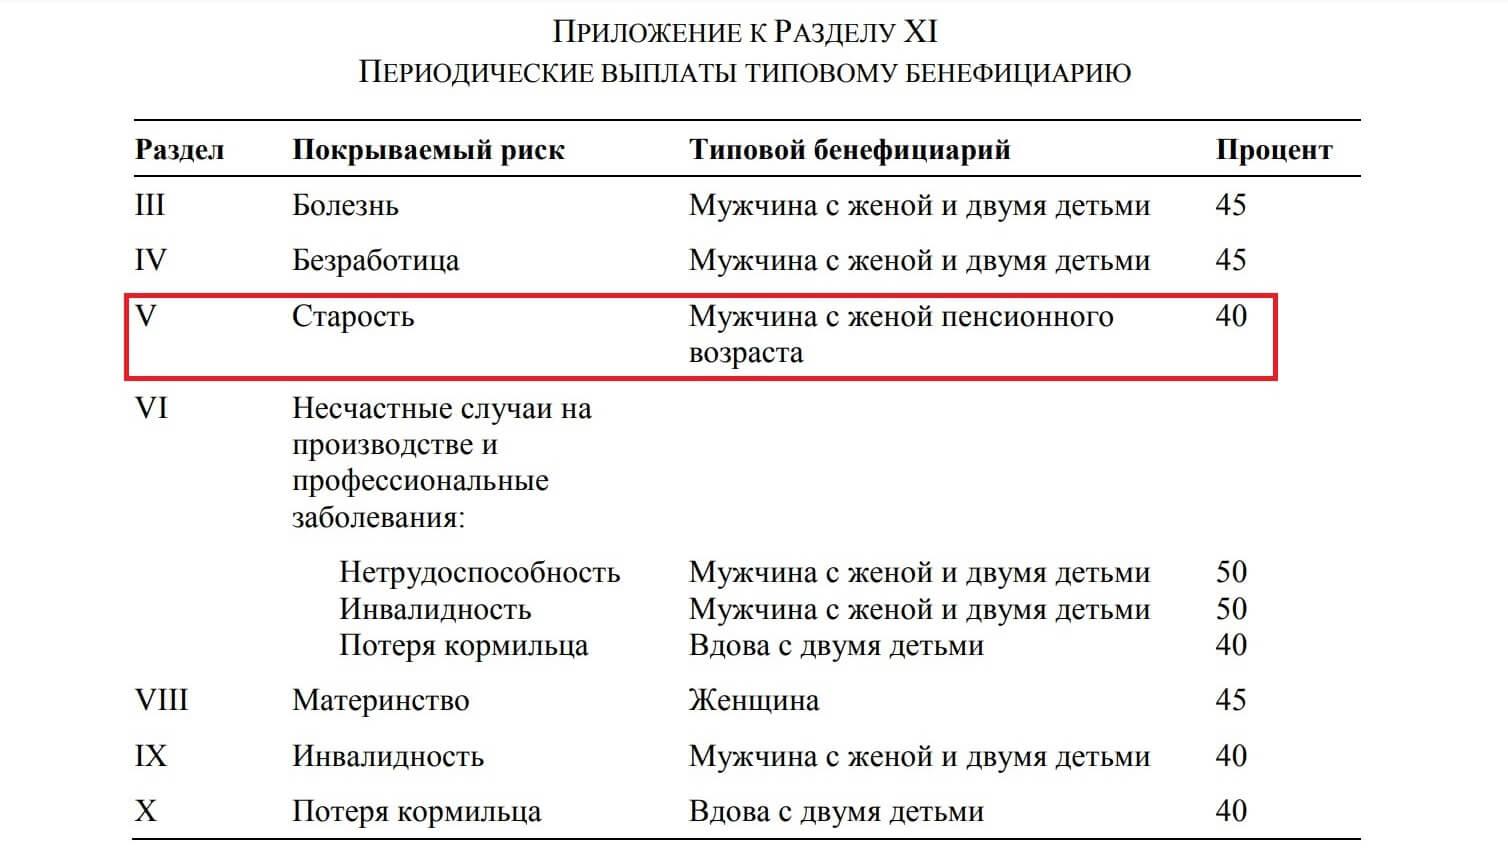 Приложение к разделу XI Конвенции №102